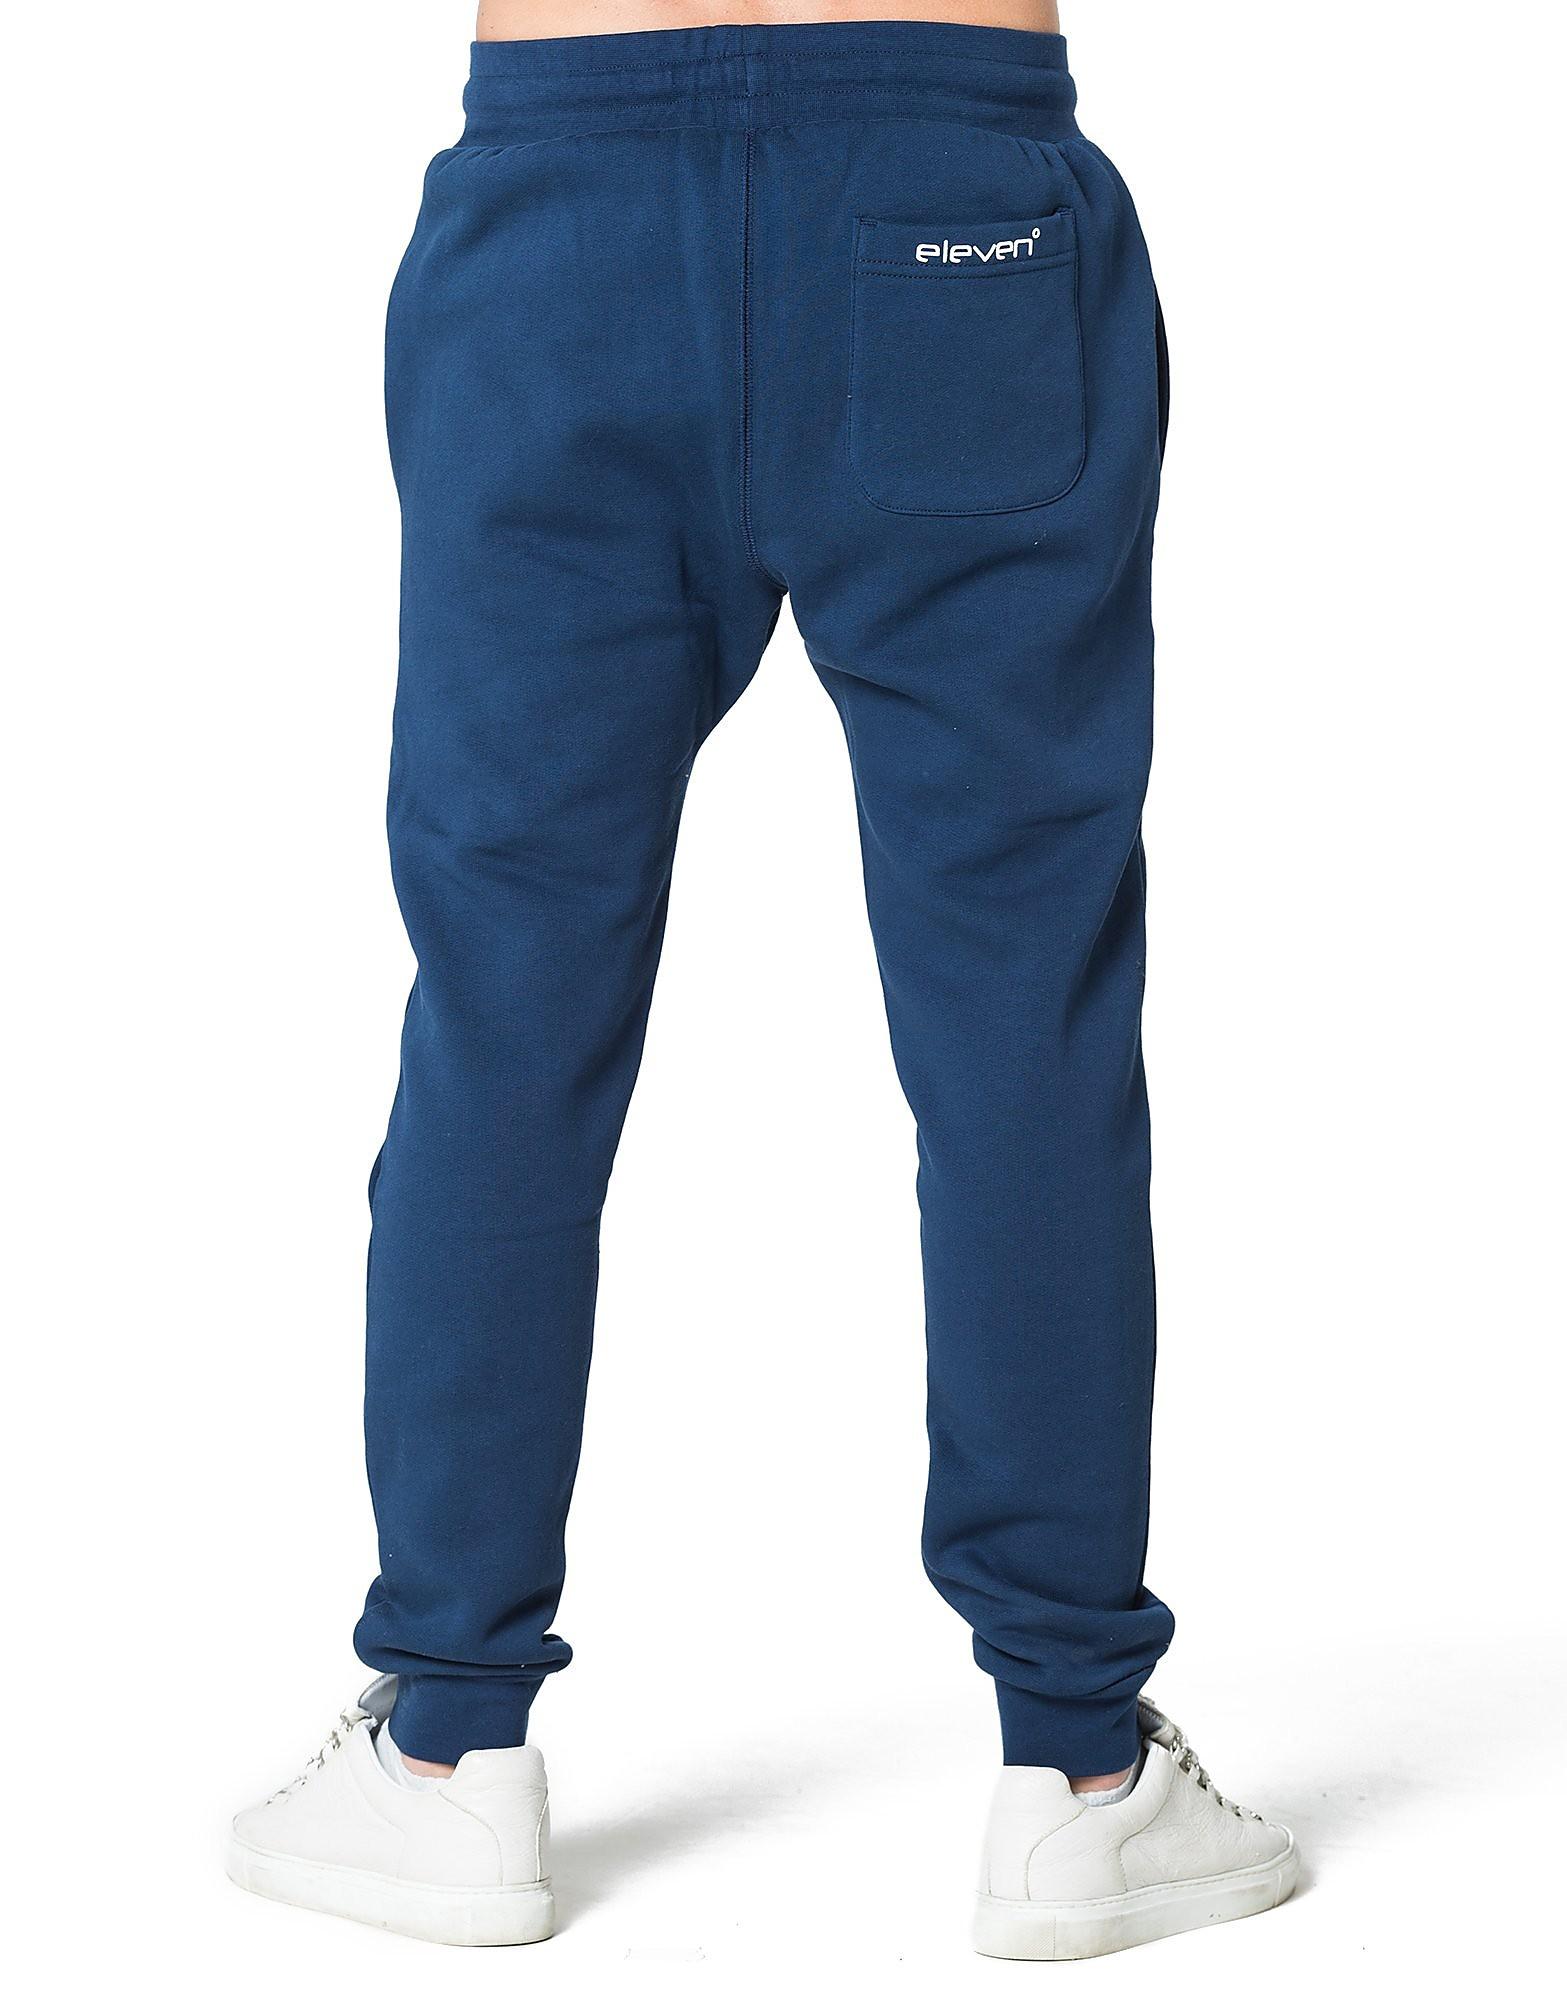 11 Degrees Core Fleece Pants